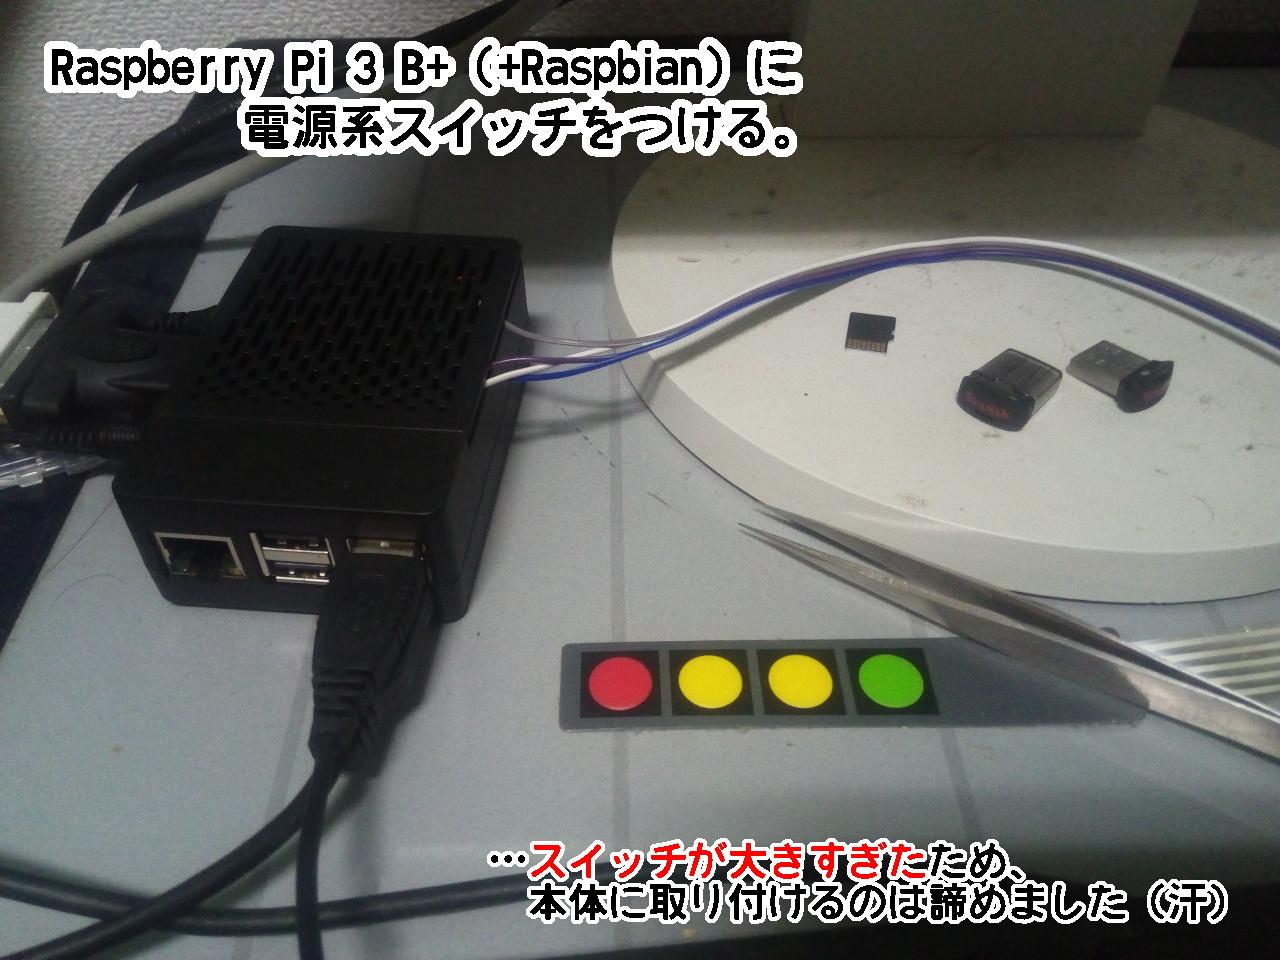 Raspberry Pi 3 B+の電源スイッチ